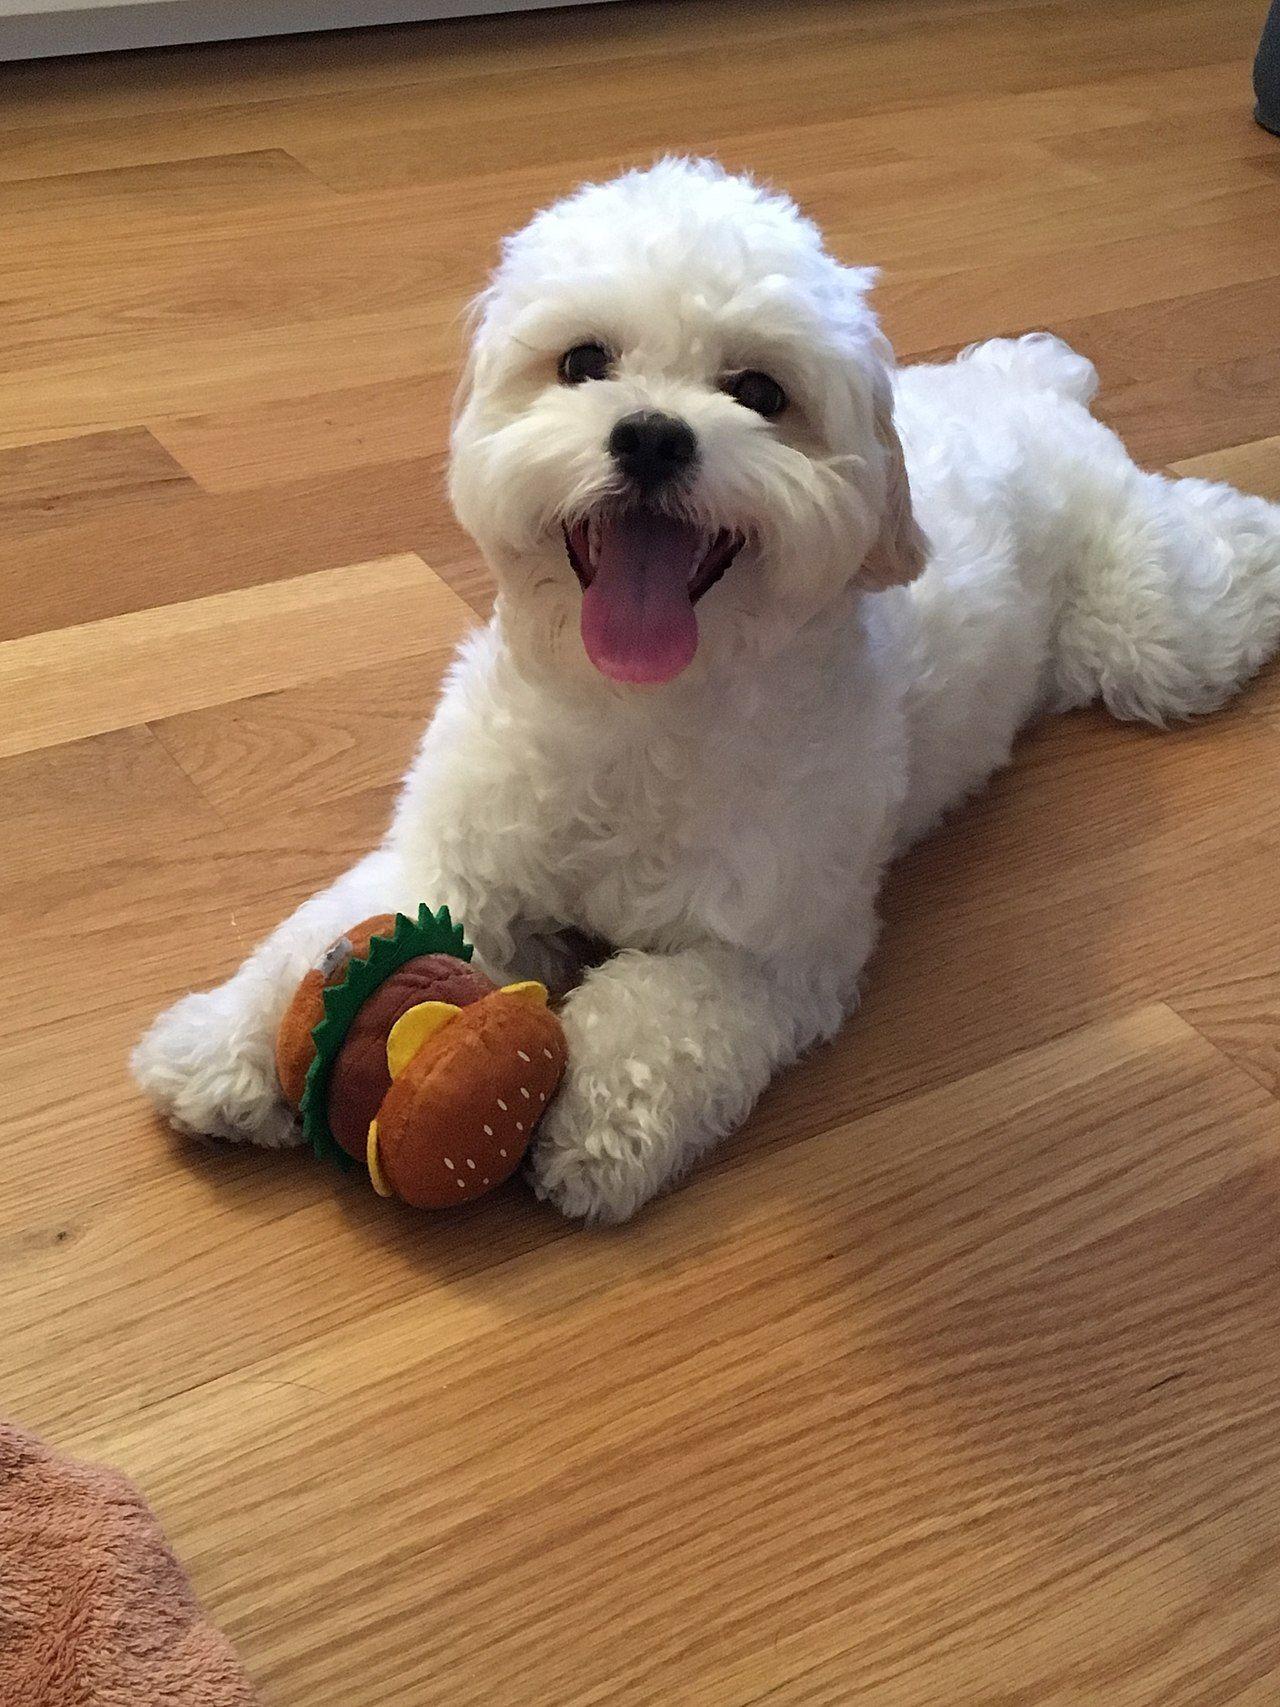 Shih Poo Wikipedia Shih Poo Shih Tzu Shih Tzu Puppy